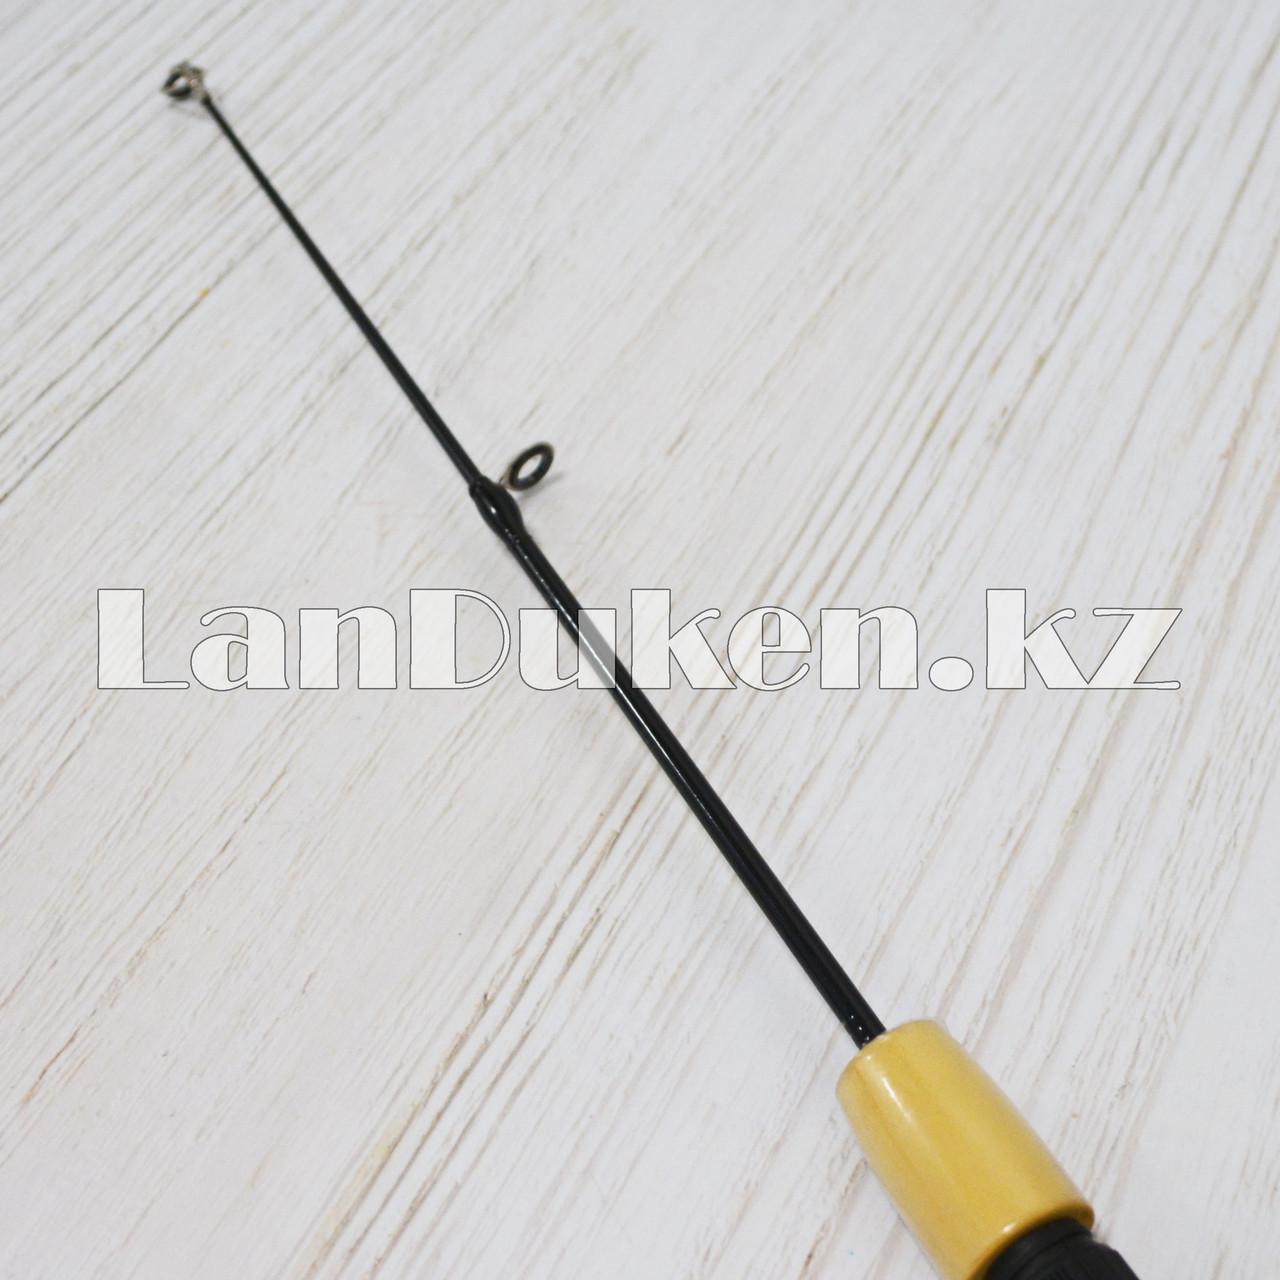 Удочка для зимней рыбалки с выдвижным телескопическим хлыстиком Xing Sheng 55 см. - фото 2